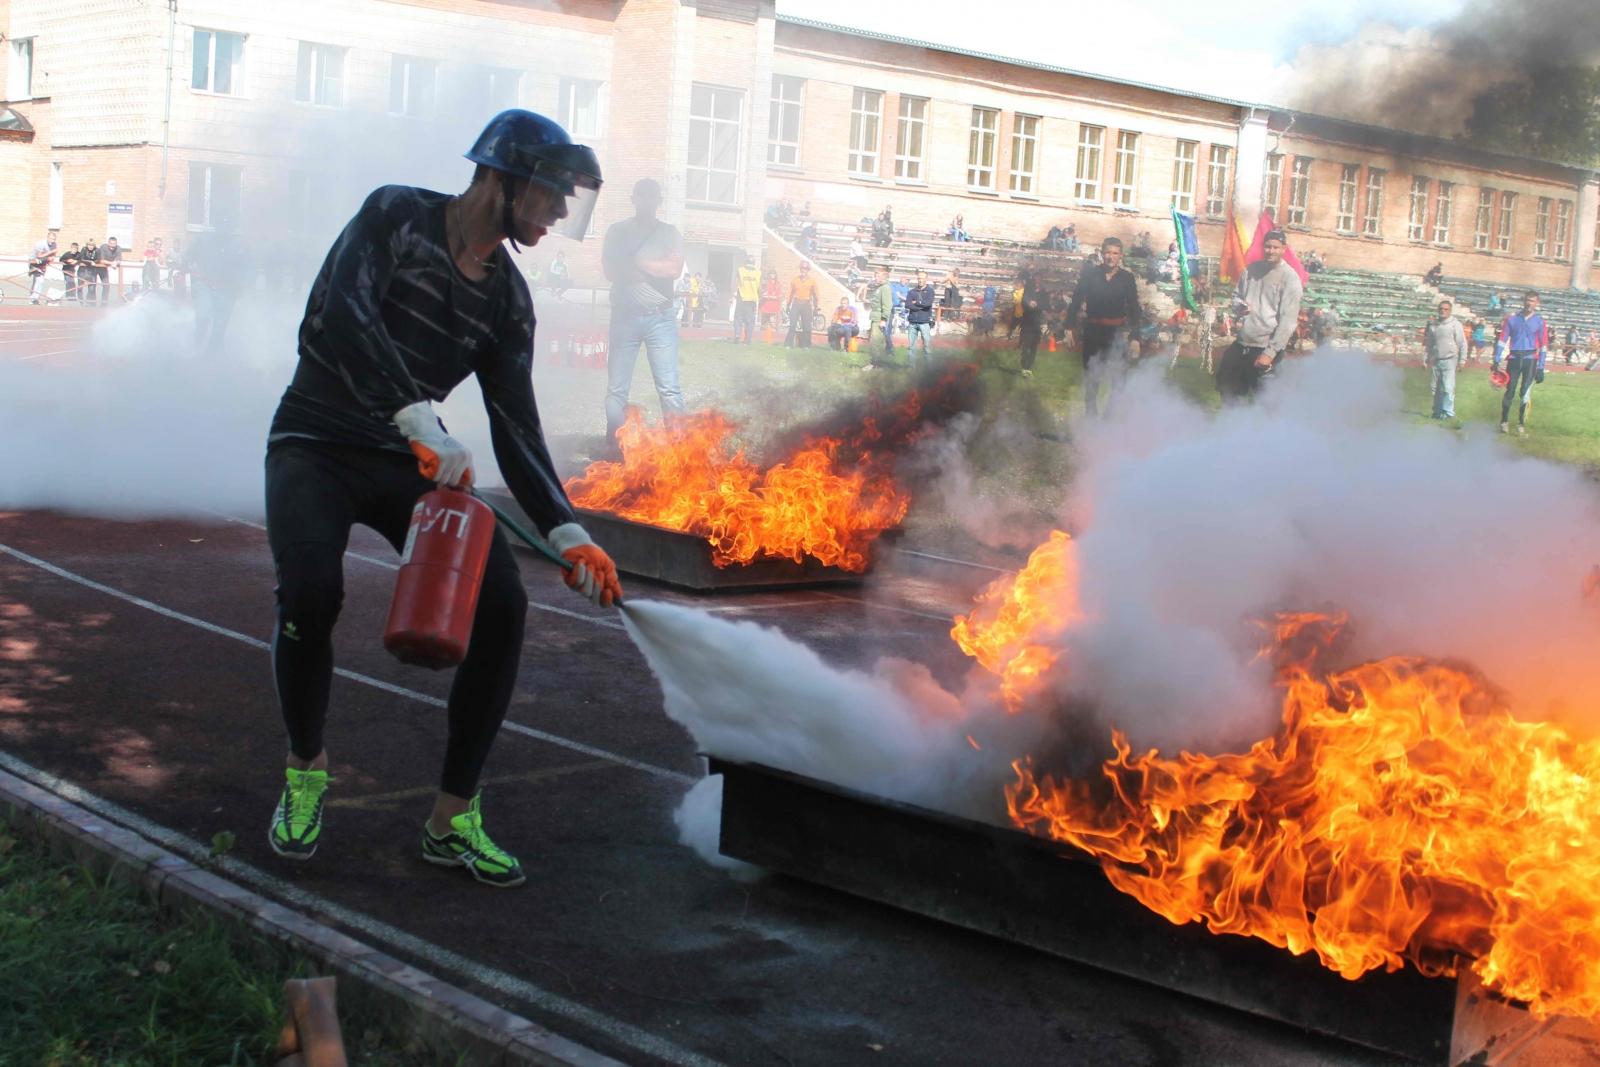 XIV Чемпионат по пожарно-прикладному спорту среди пожарных и спасателей Томской области в г. Асино. День второй, 15 августа 2015